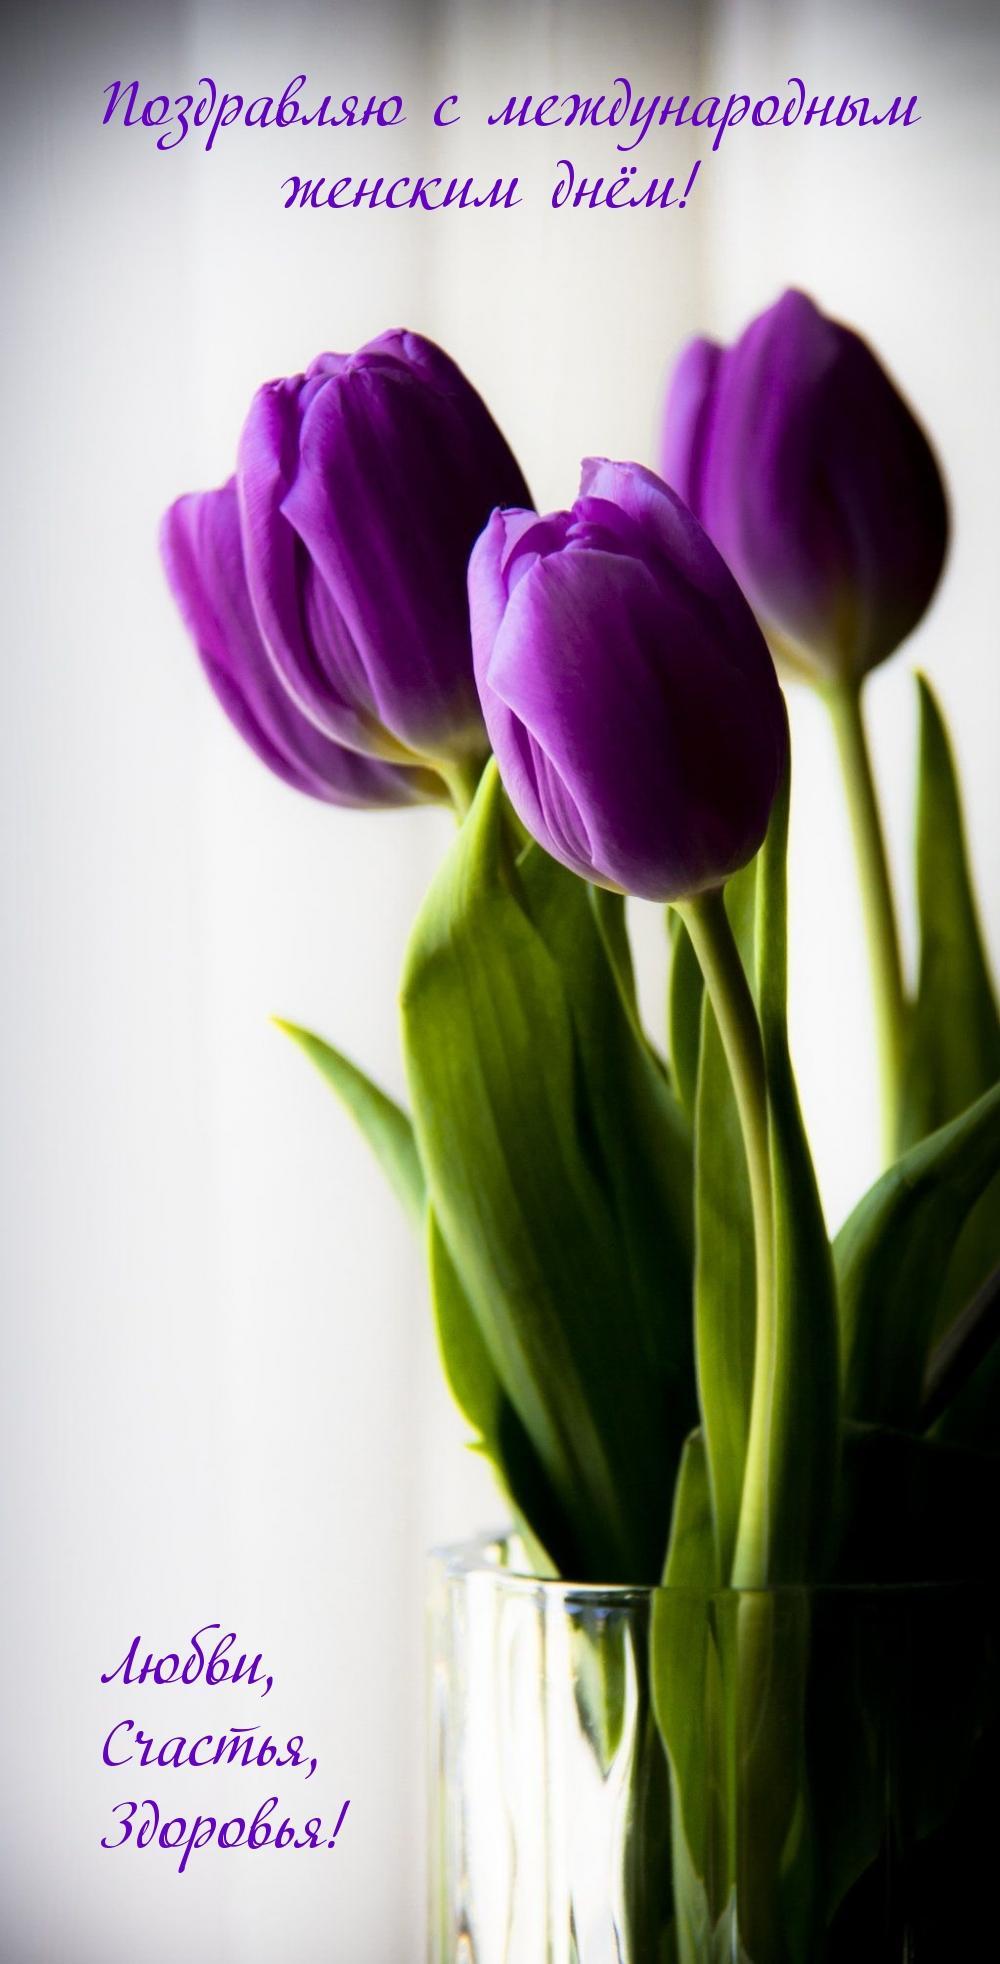 С 8 марта картинки / фото imagetext.ru